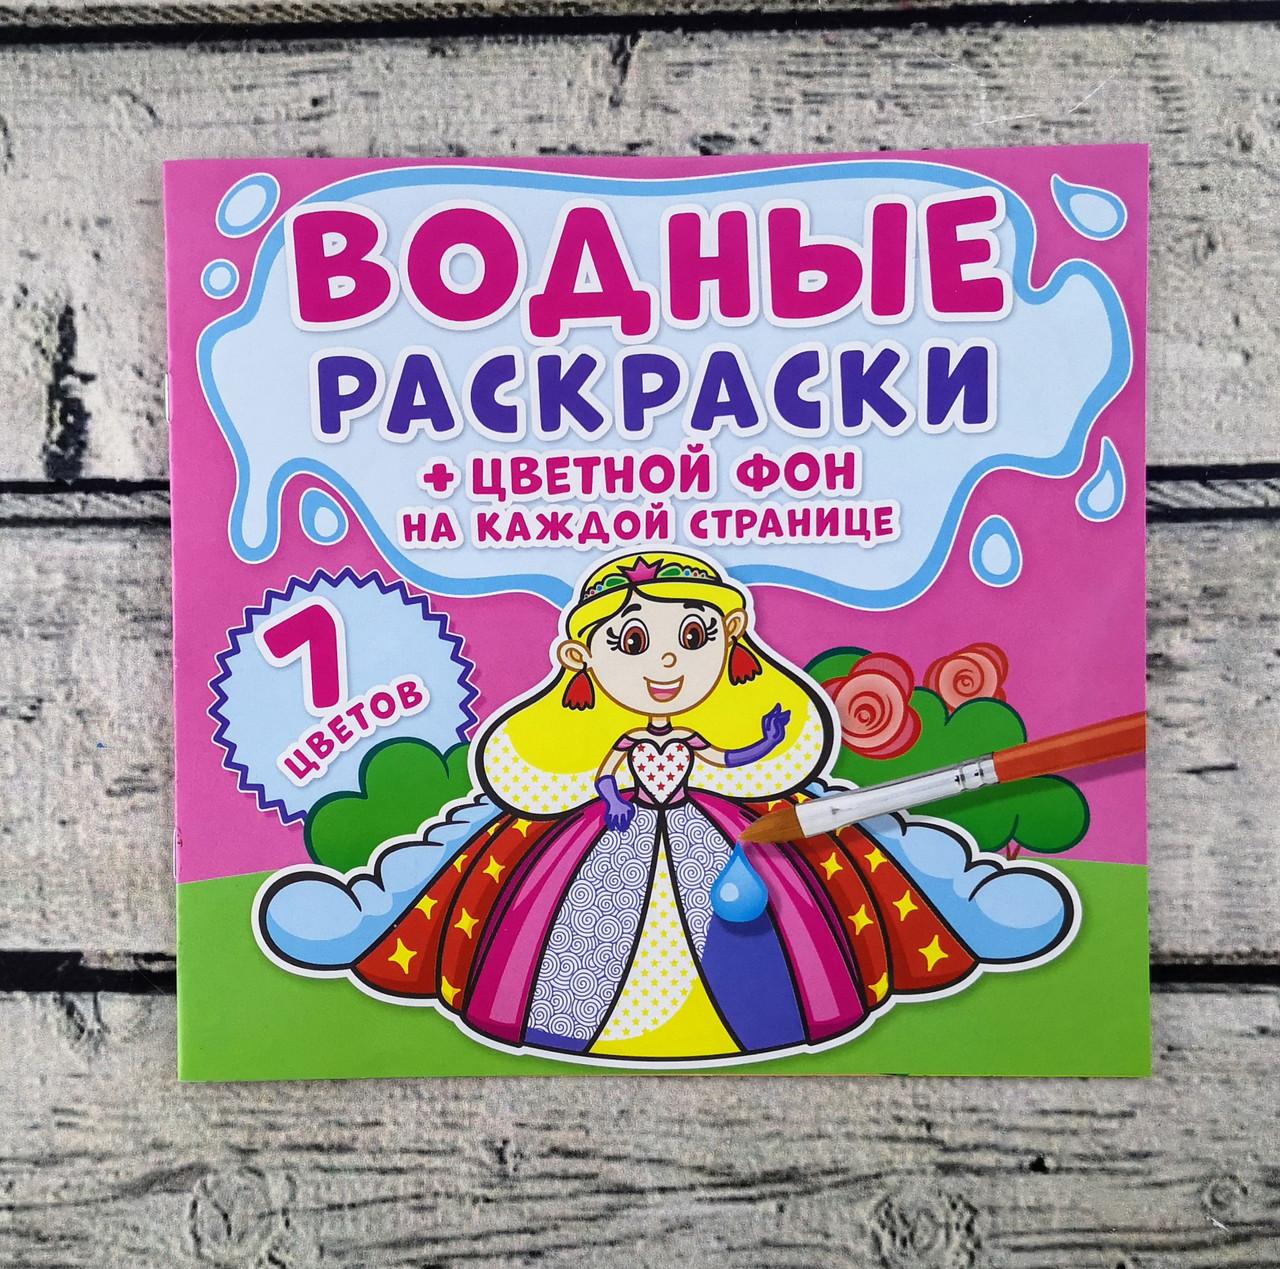 Раскраски Водные. Цветной фон. Принцессы 64540+ БАО Украина